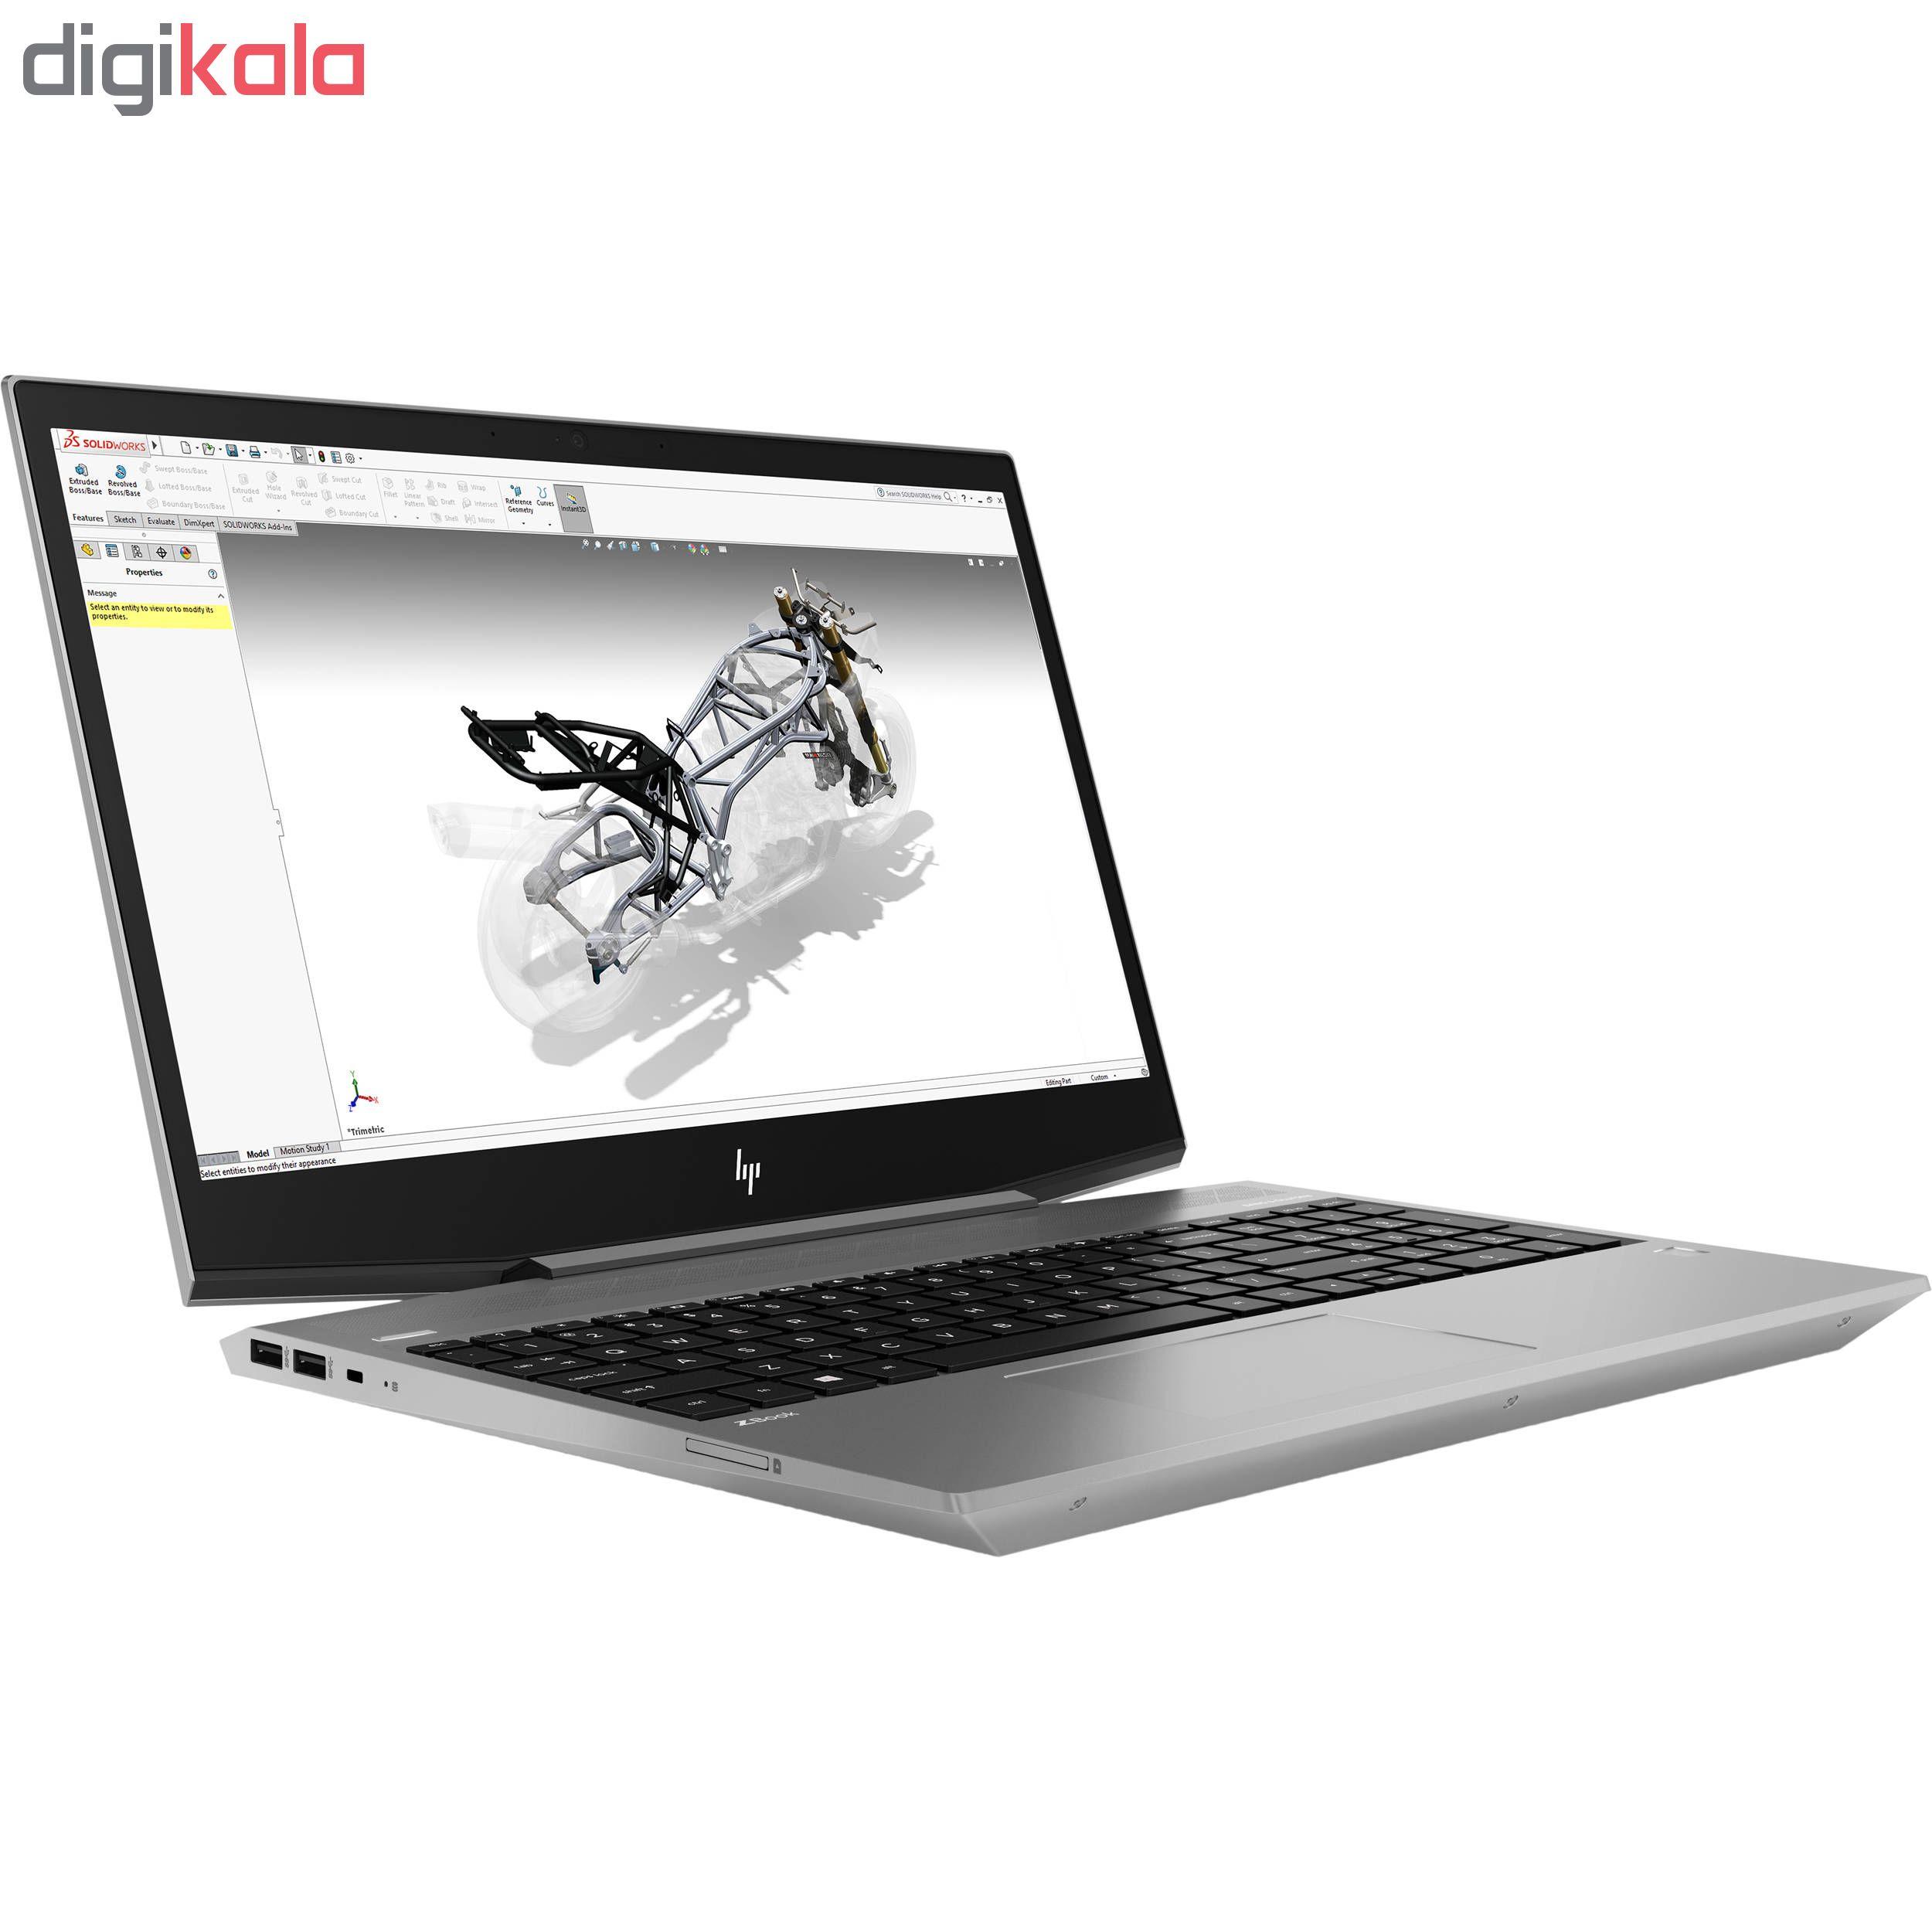 لپ تاپ 15 اینچی اچ پی مدل ZBook 15v G5 Mobile Workstation - D